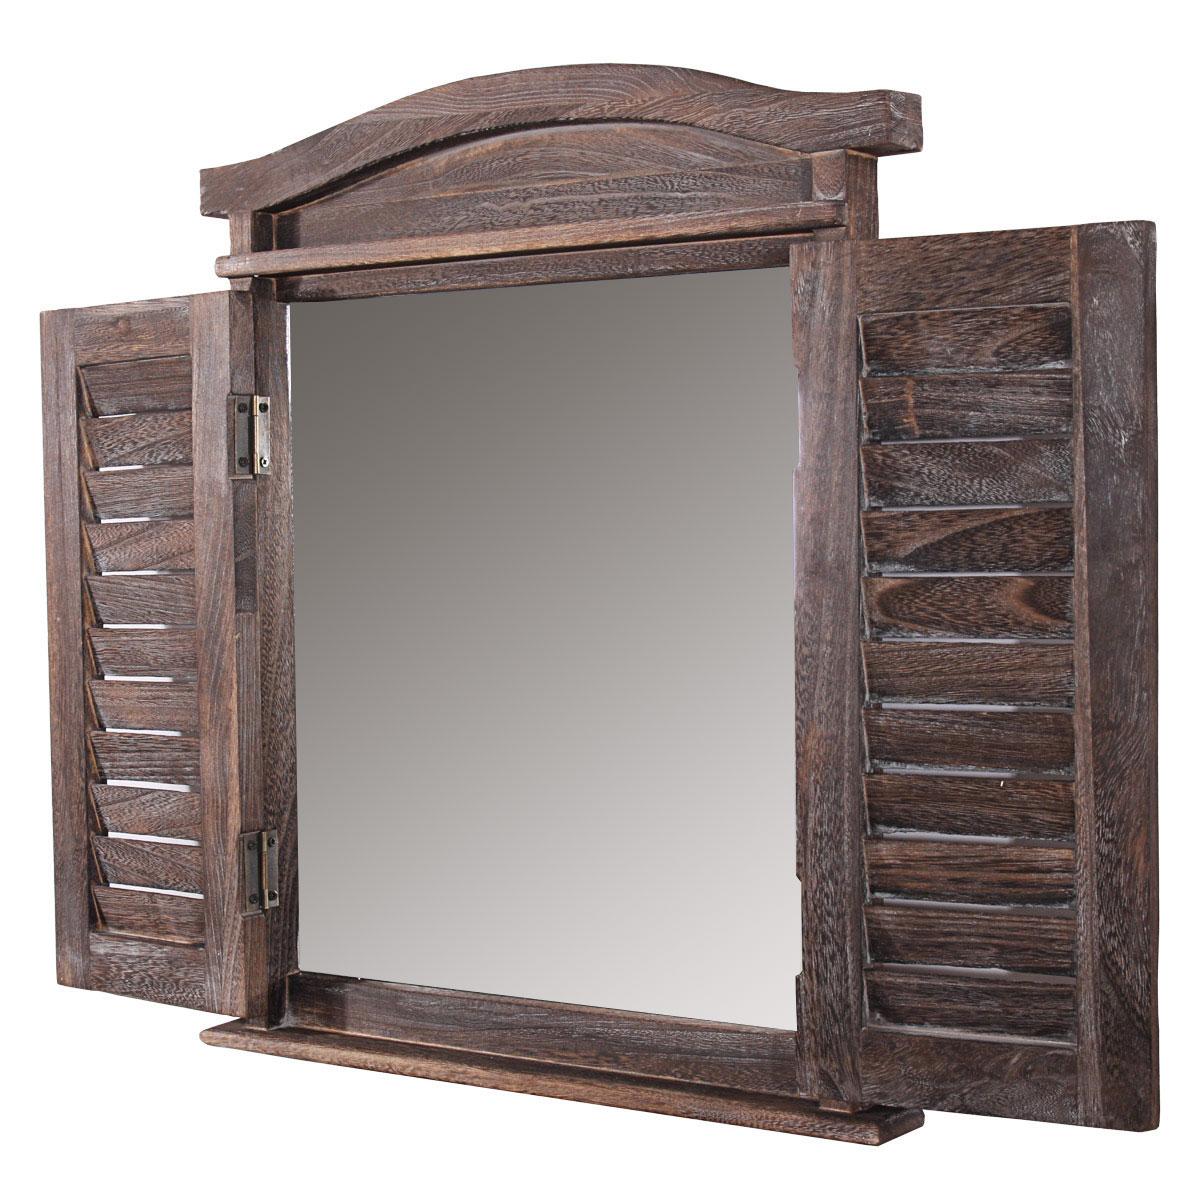 Shabby-Look Vintage braun Wandspiegel Spiegelfenster mit Fensterläden 53x42x5cm